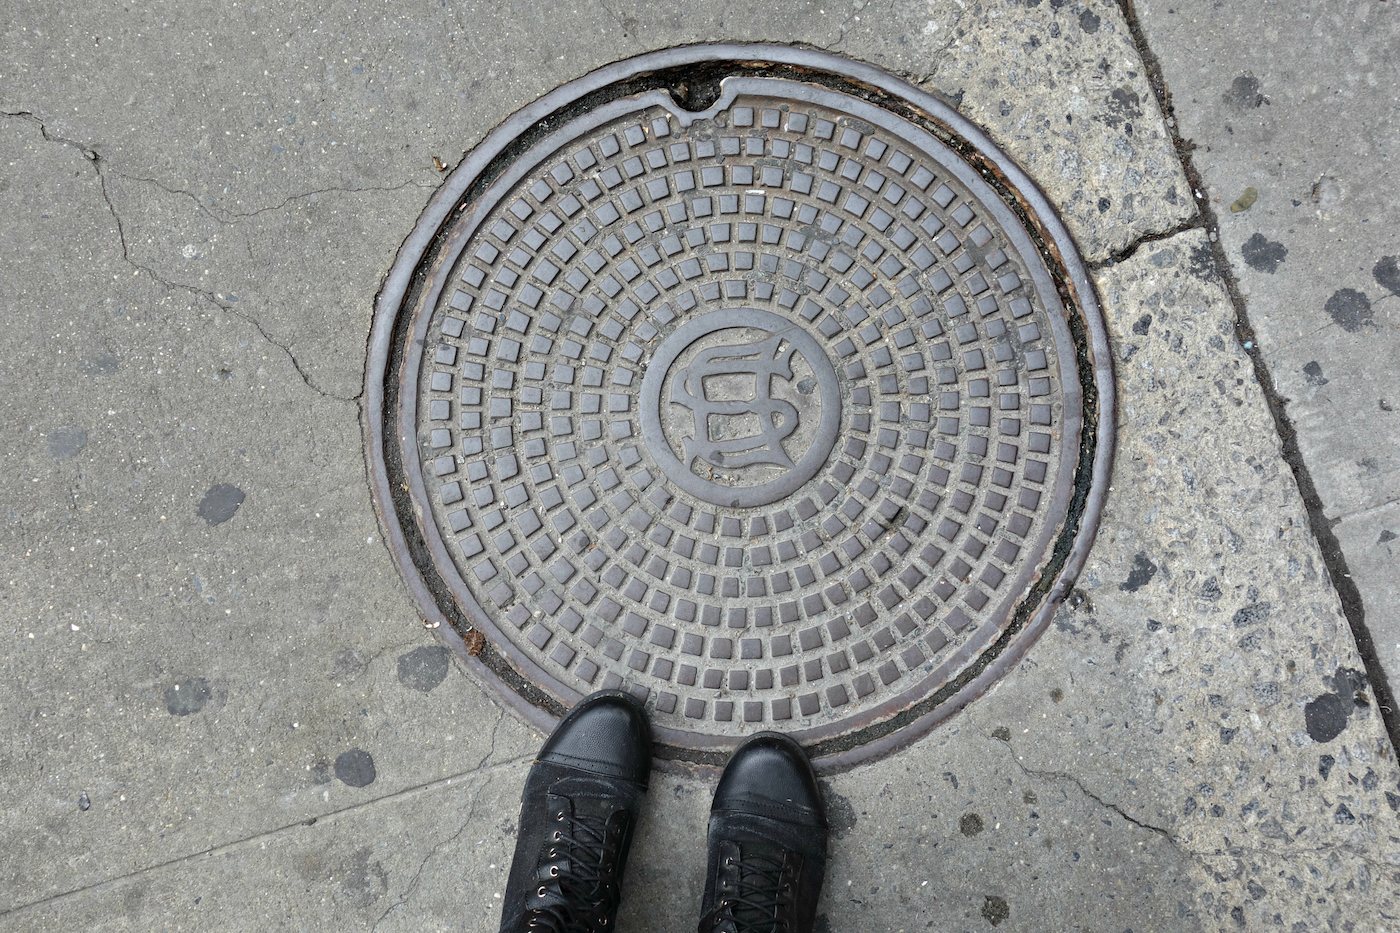 The well trodden art of manhole cover in new york city